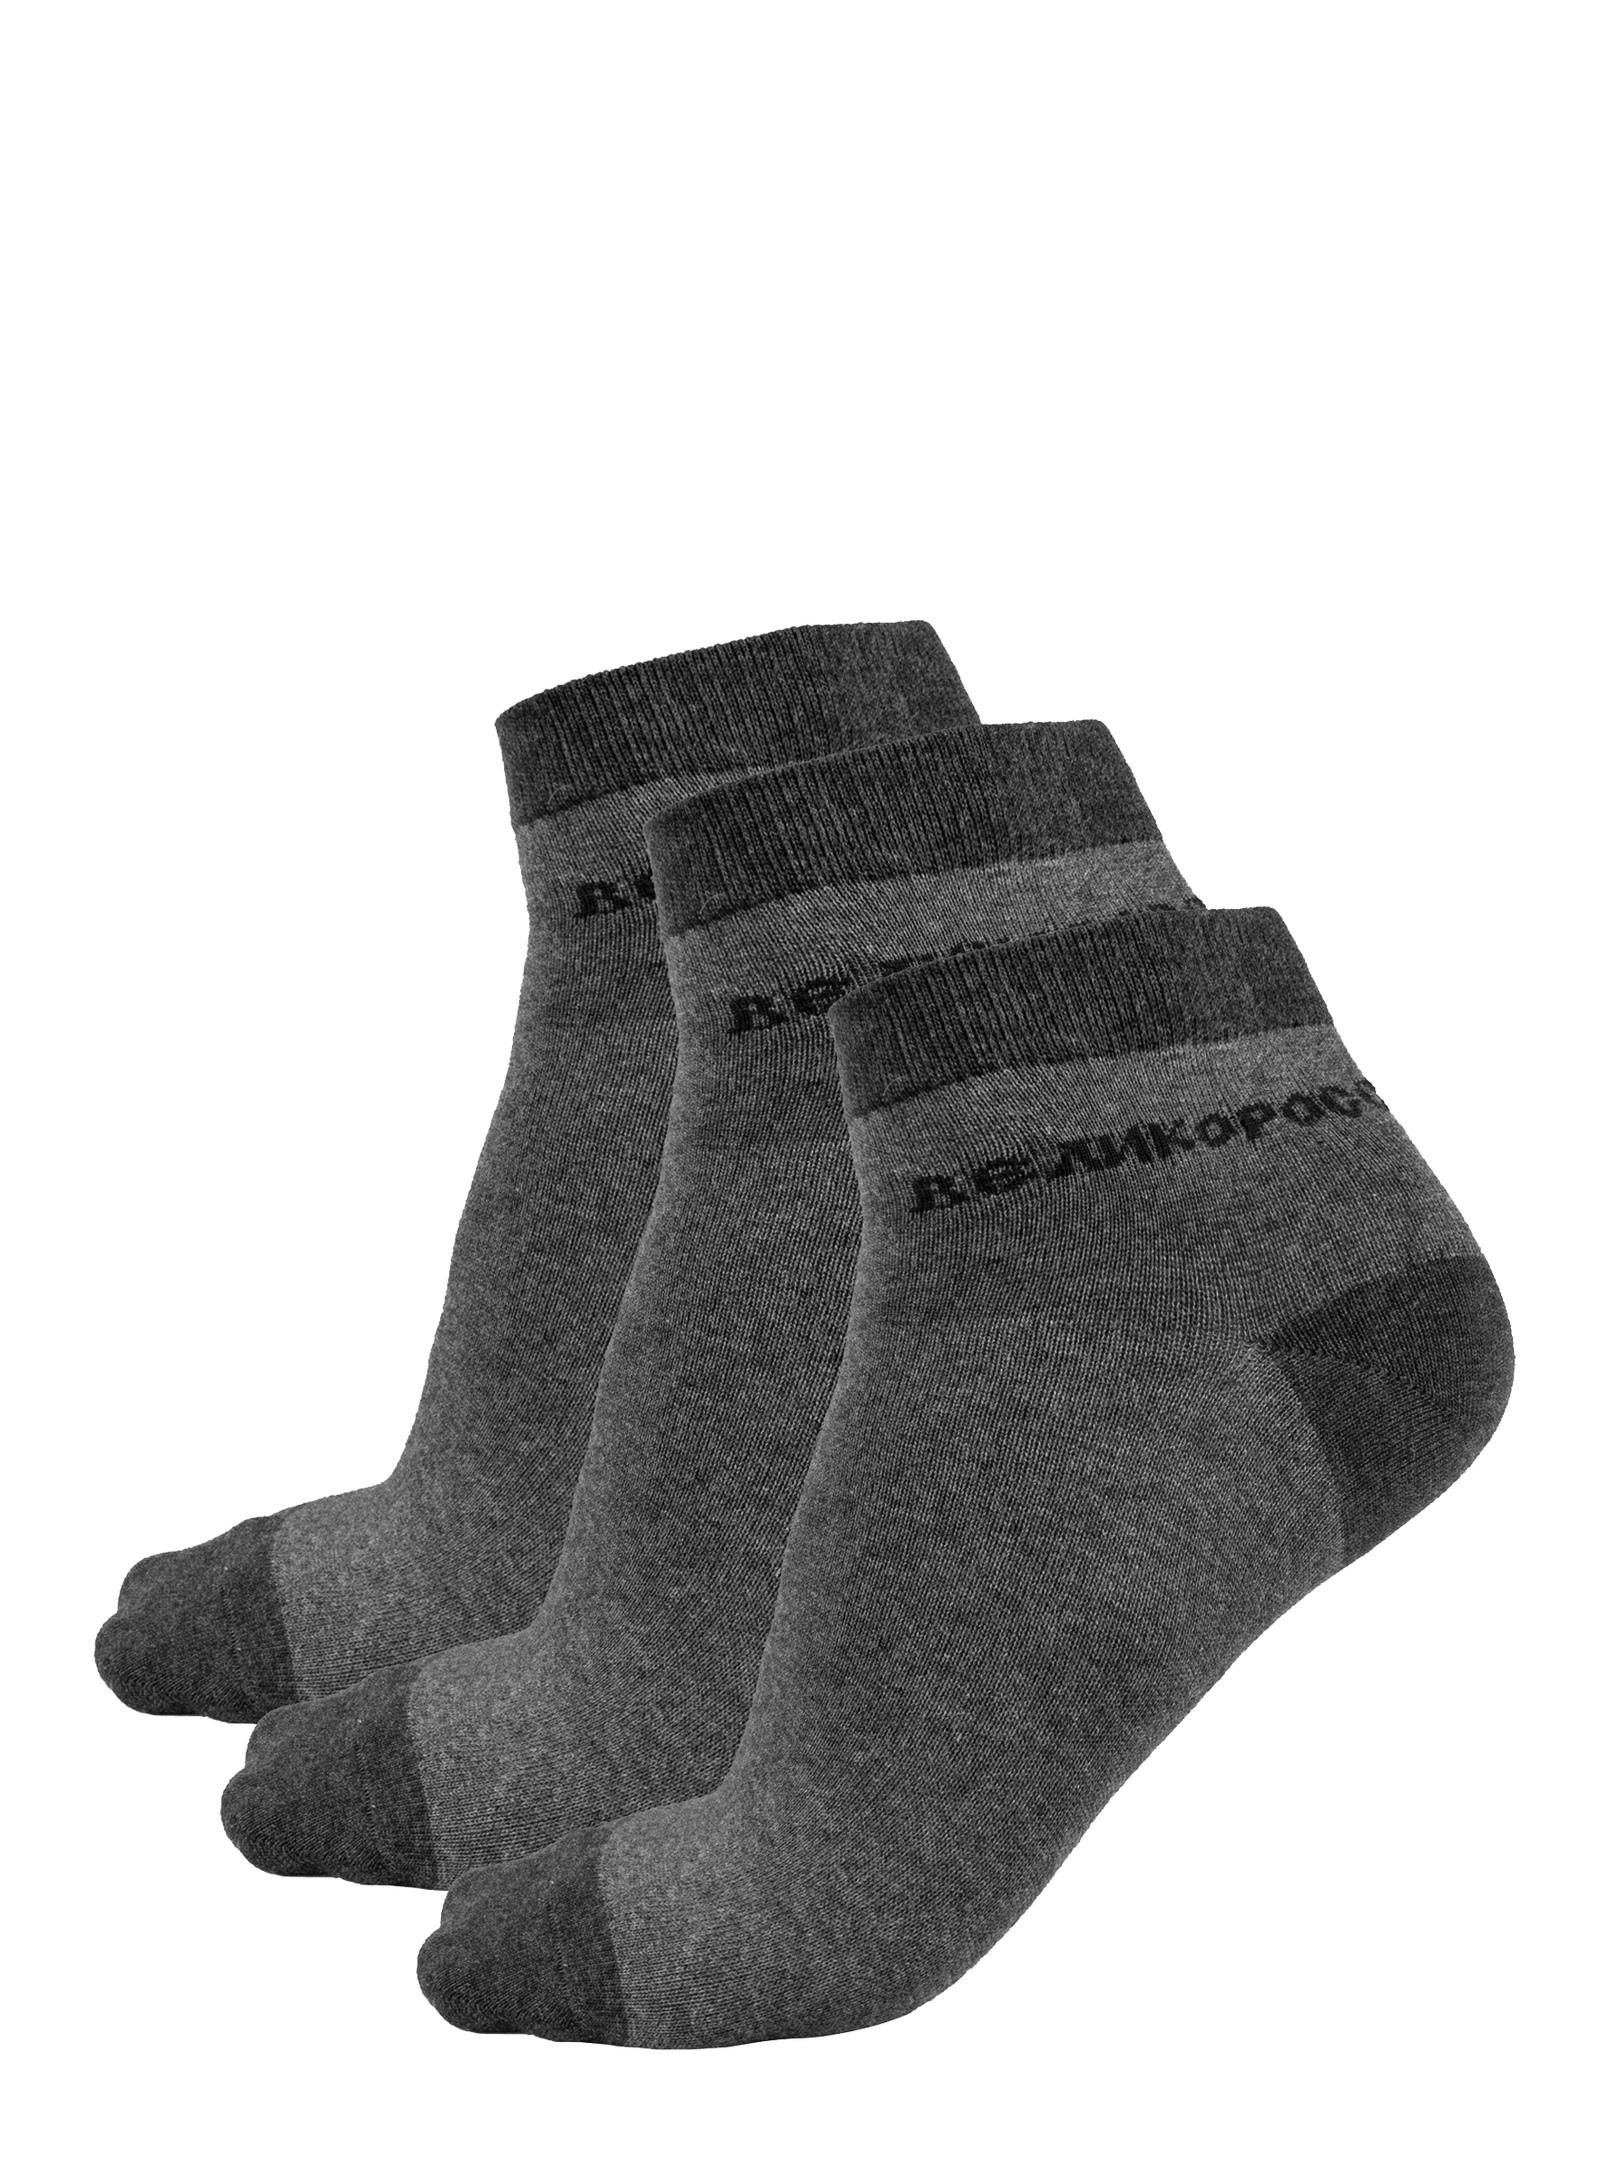 Набор носков Великоросс NN3554 серый 44-47